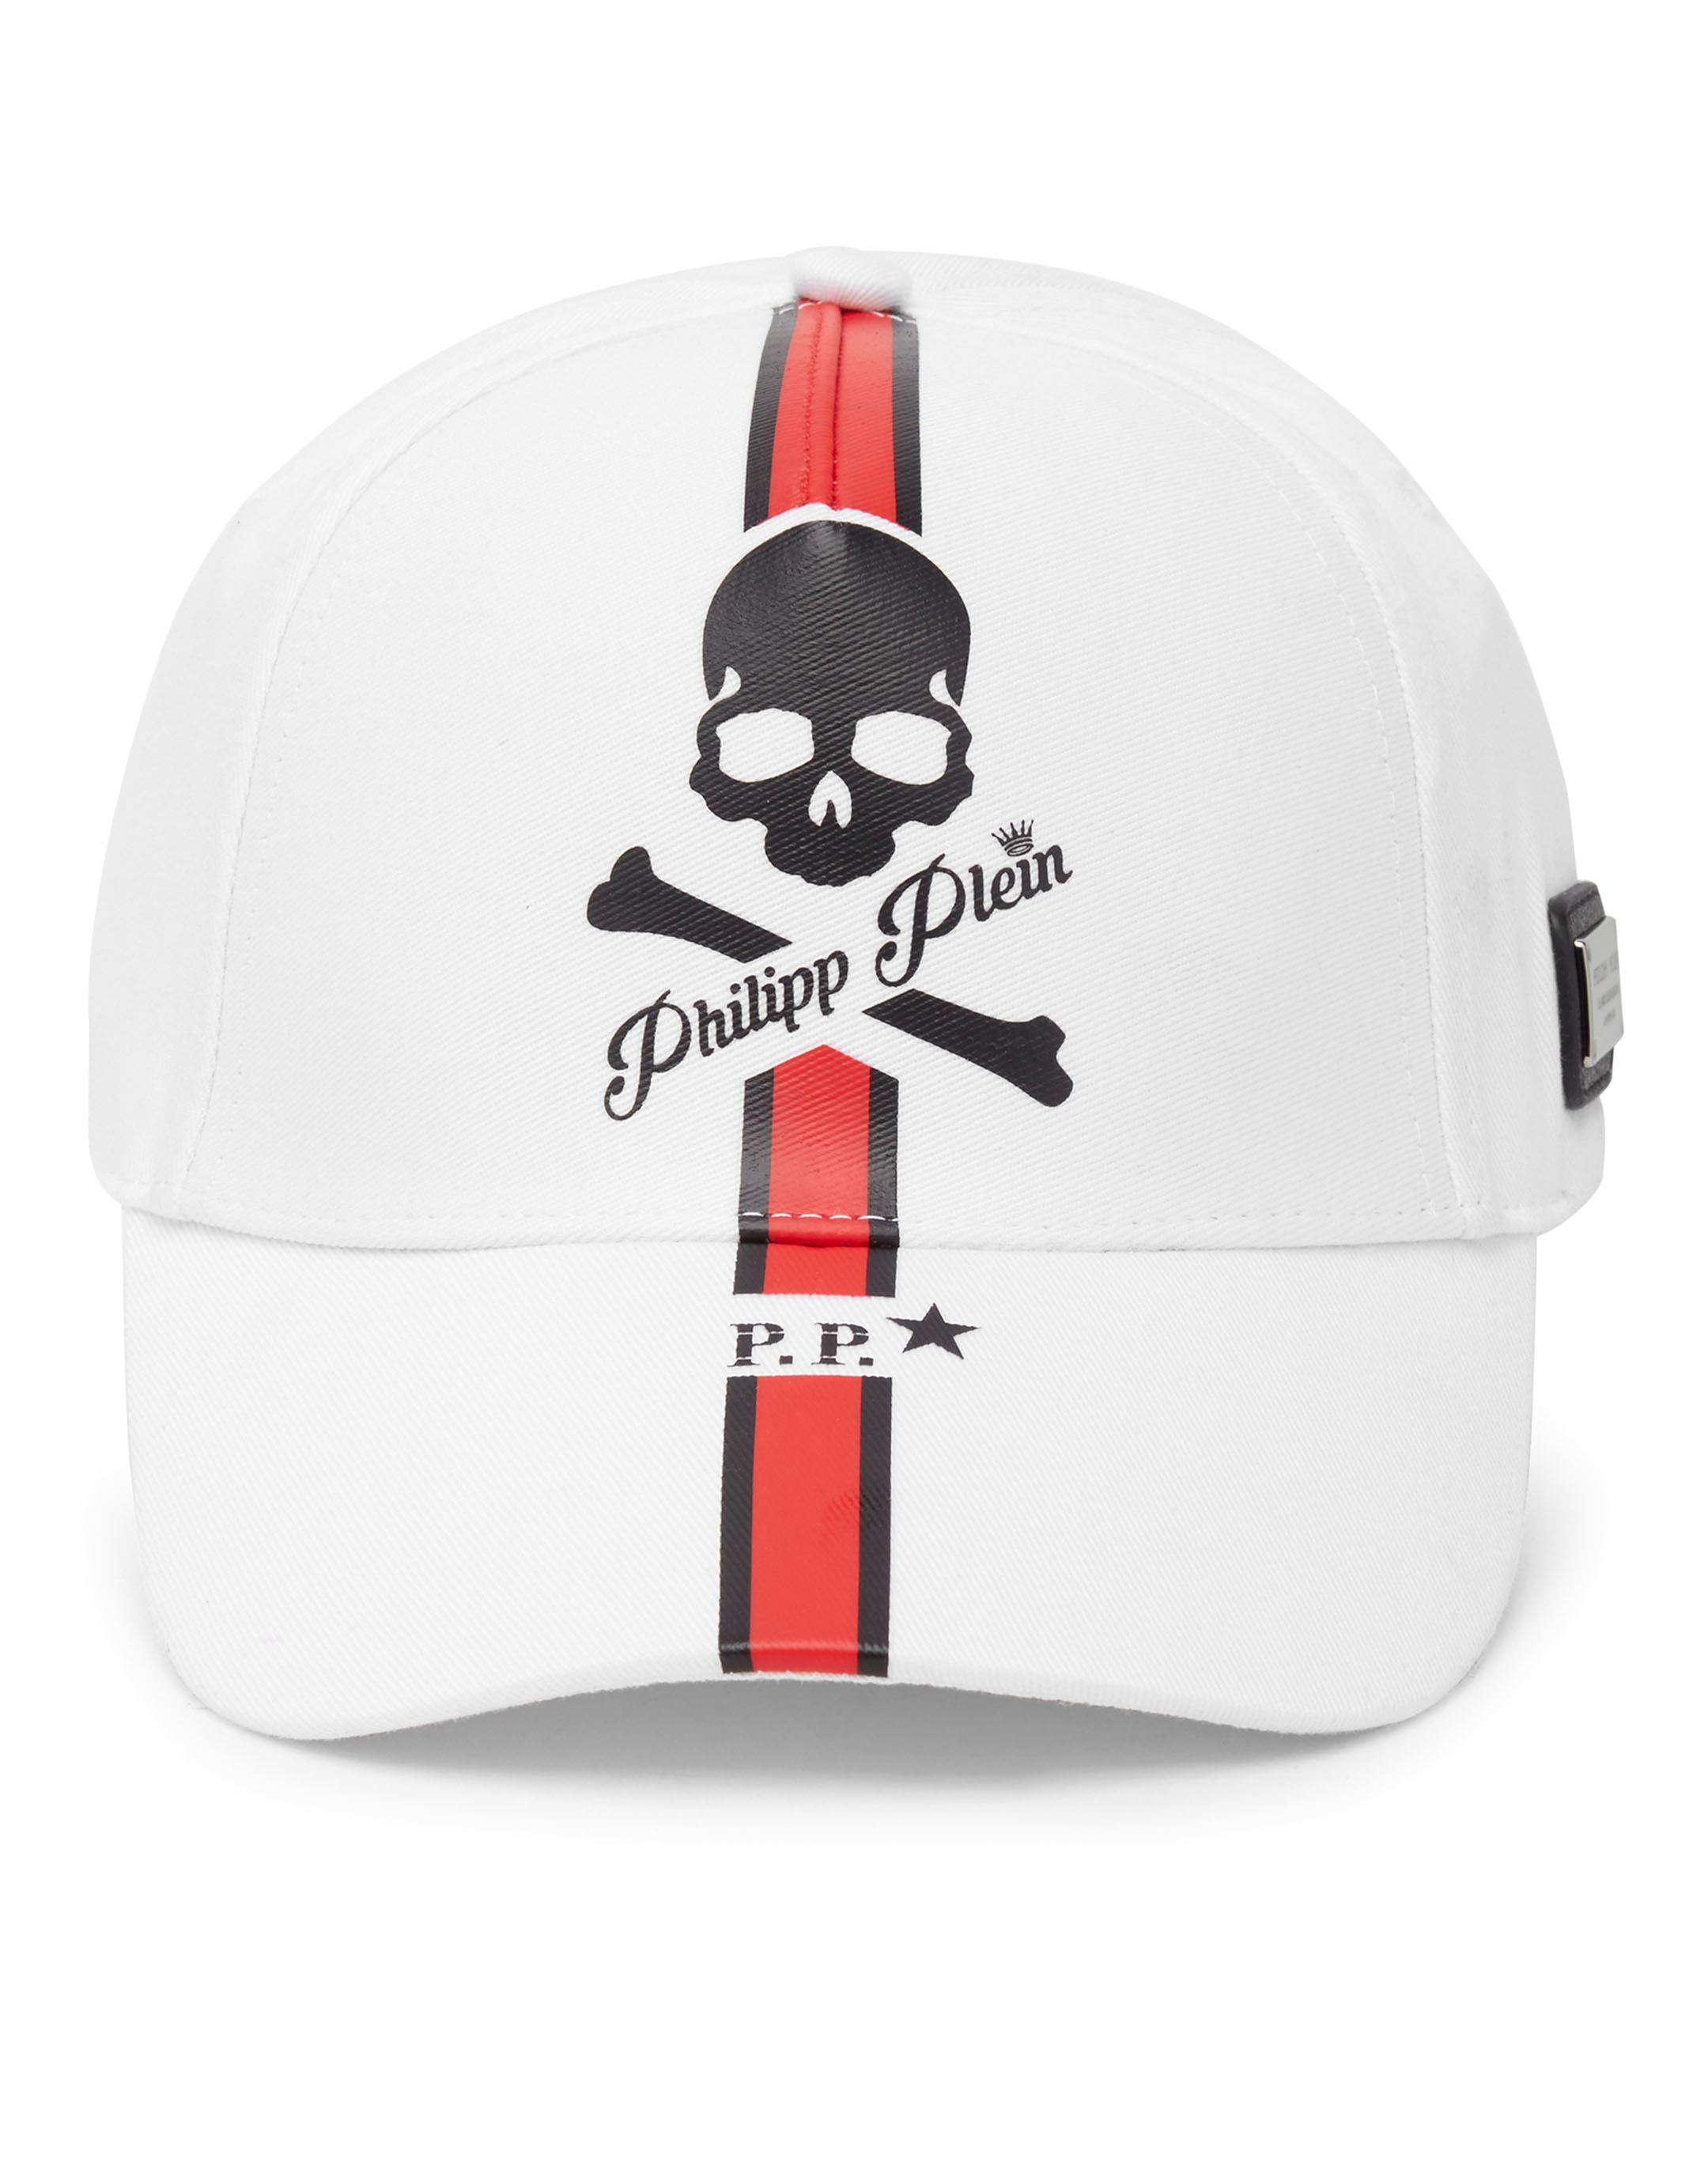 59b5ac1b29 Baseball Cap